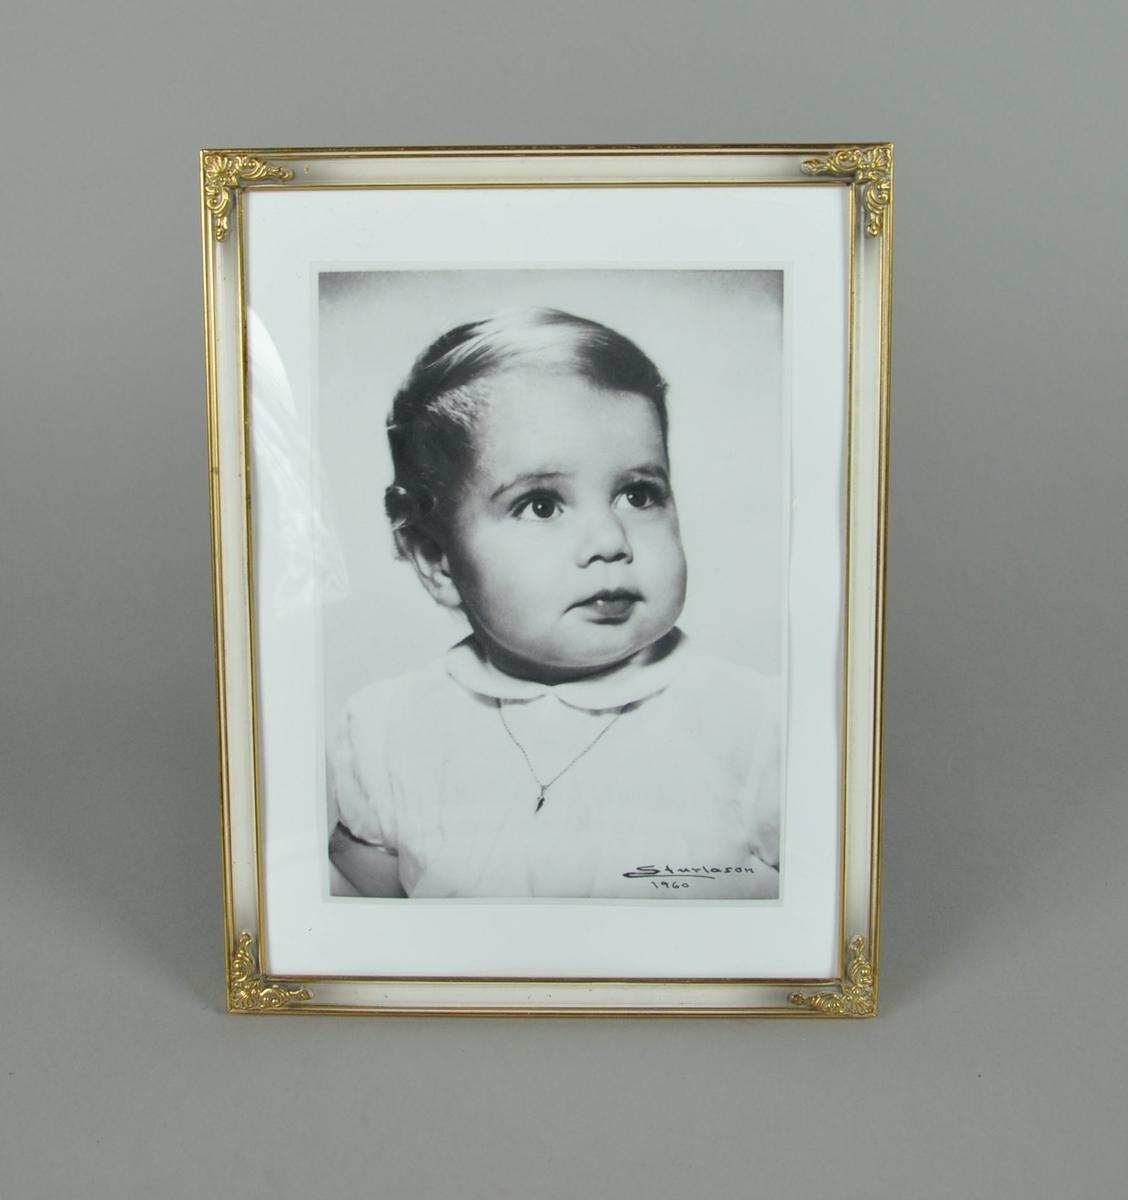 Stående portrettfotografi av Anita Henriksen. Ramme av metall med gullforgylt dekor. Bildet er en kopi.